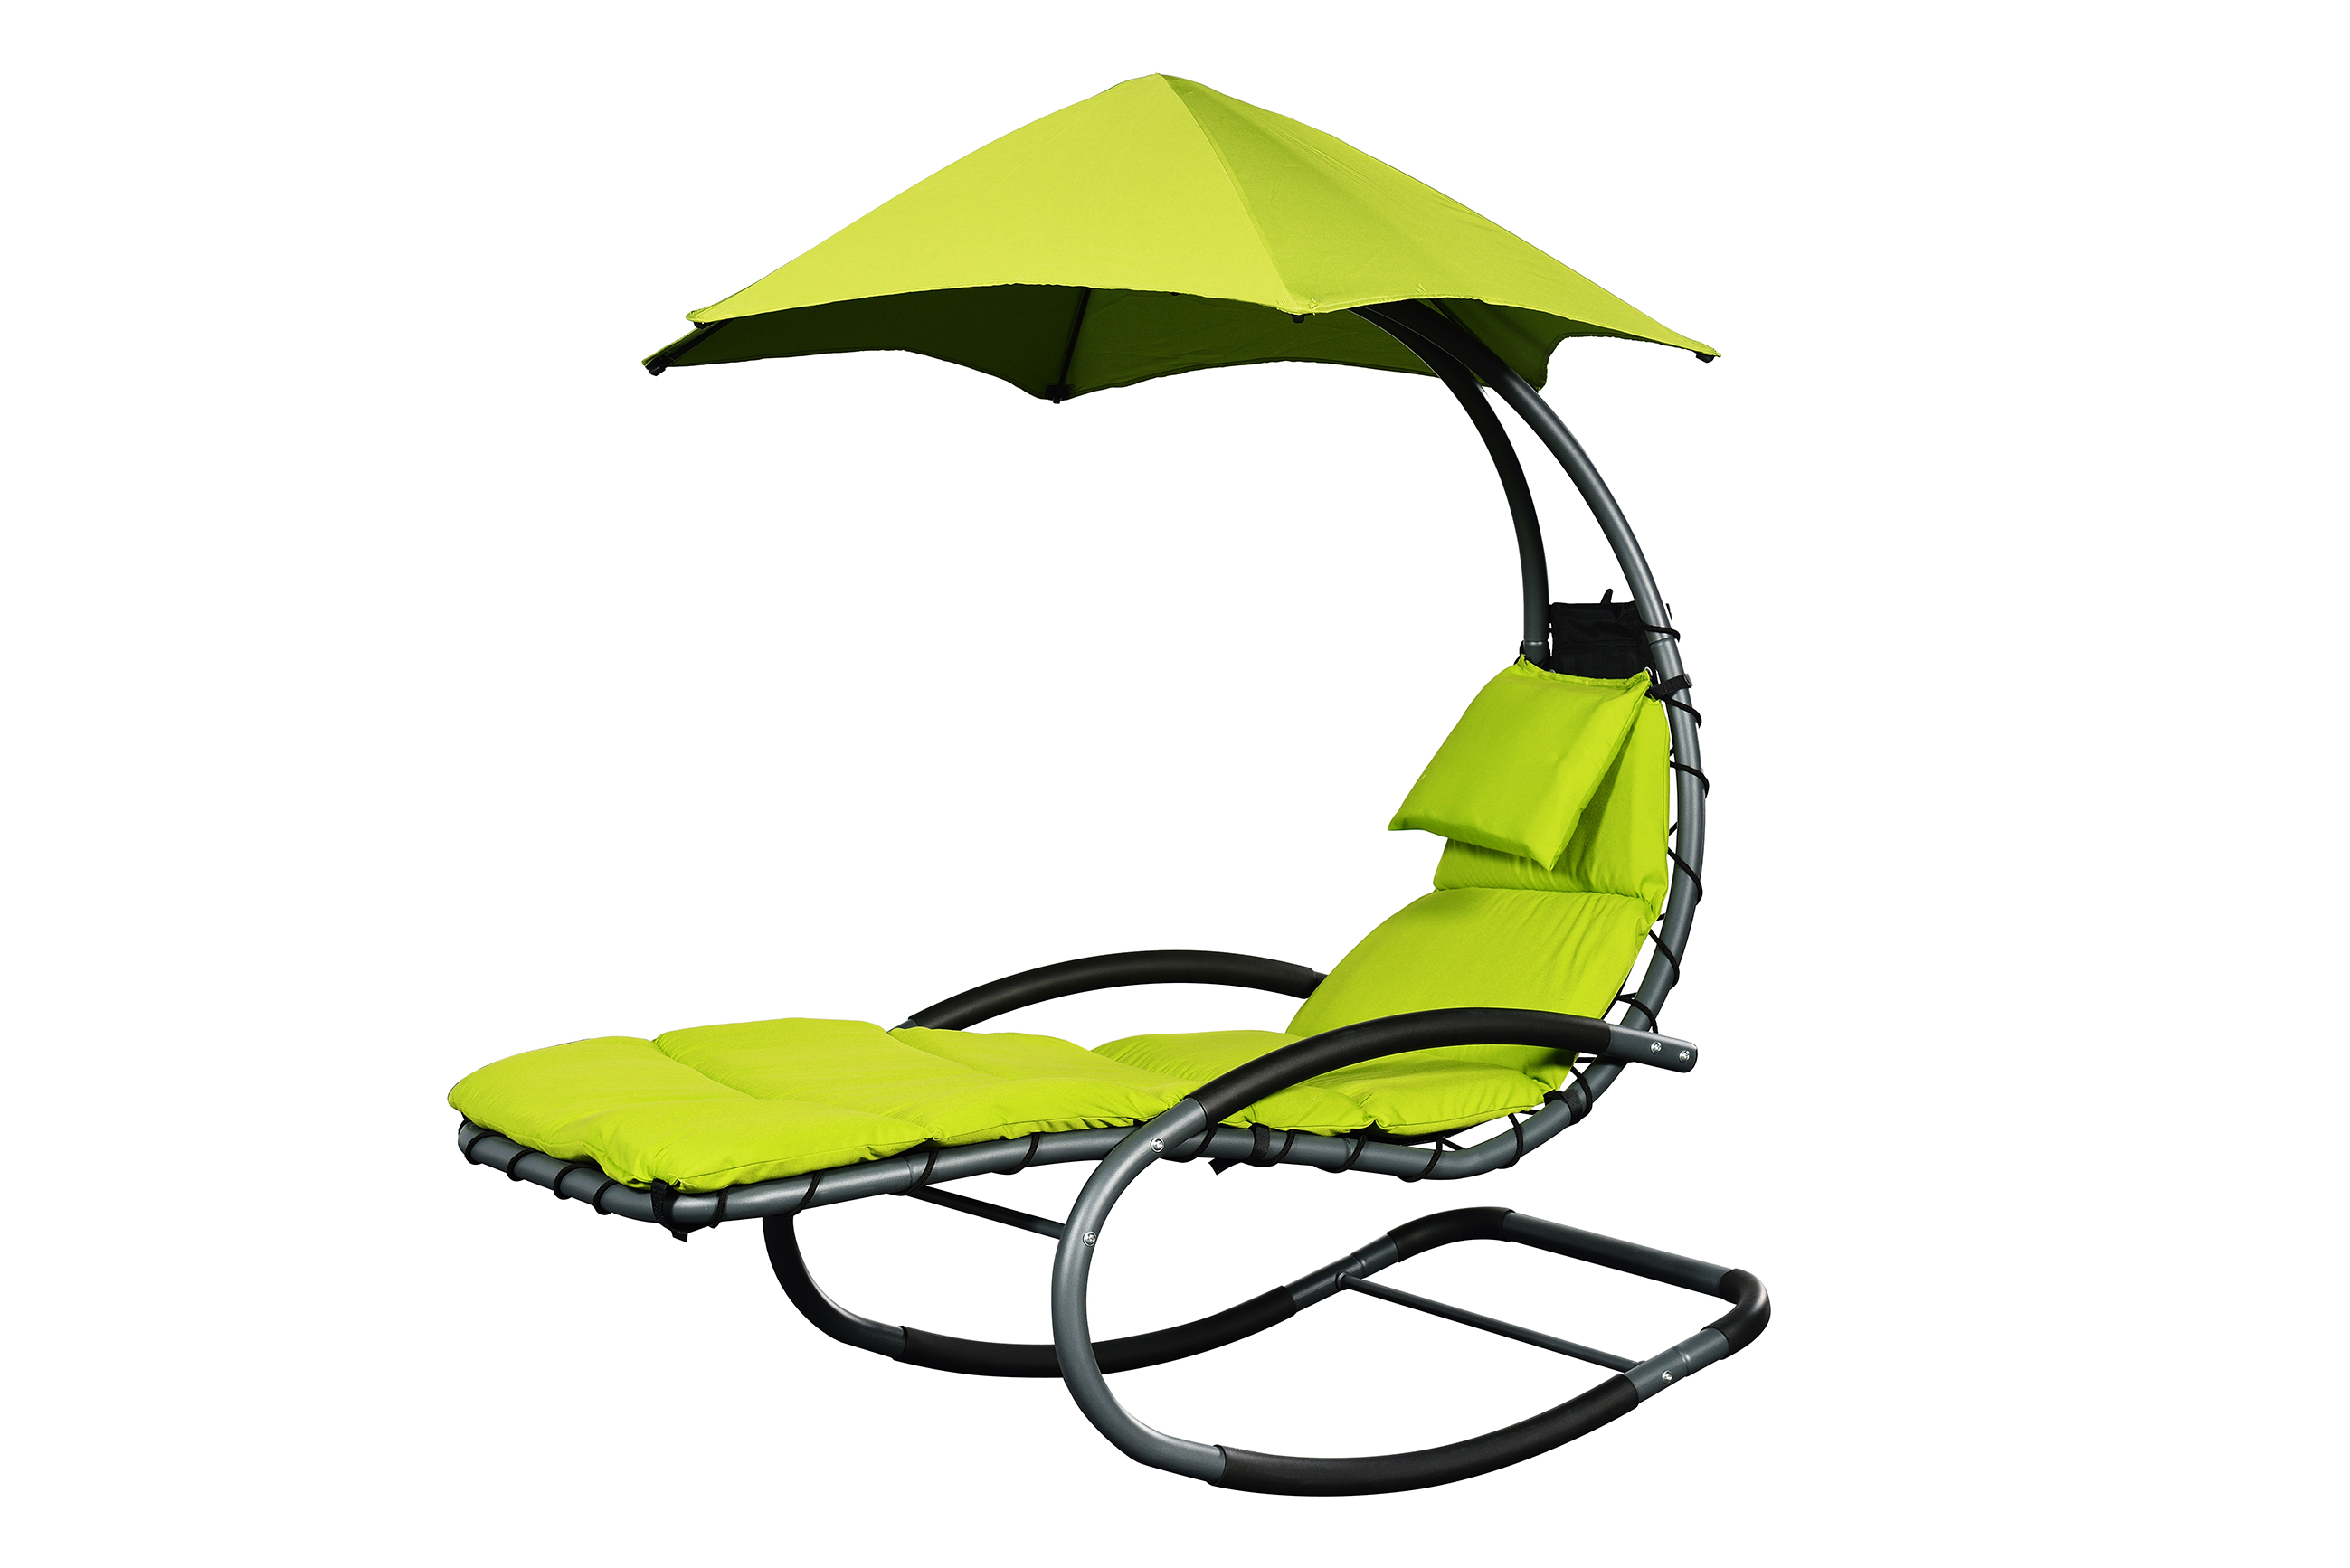 Chaise Longue Prosolis Nest Swing Longue Chaise ymNP0nO8vw